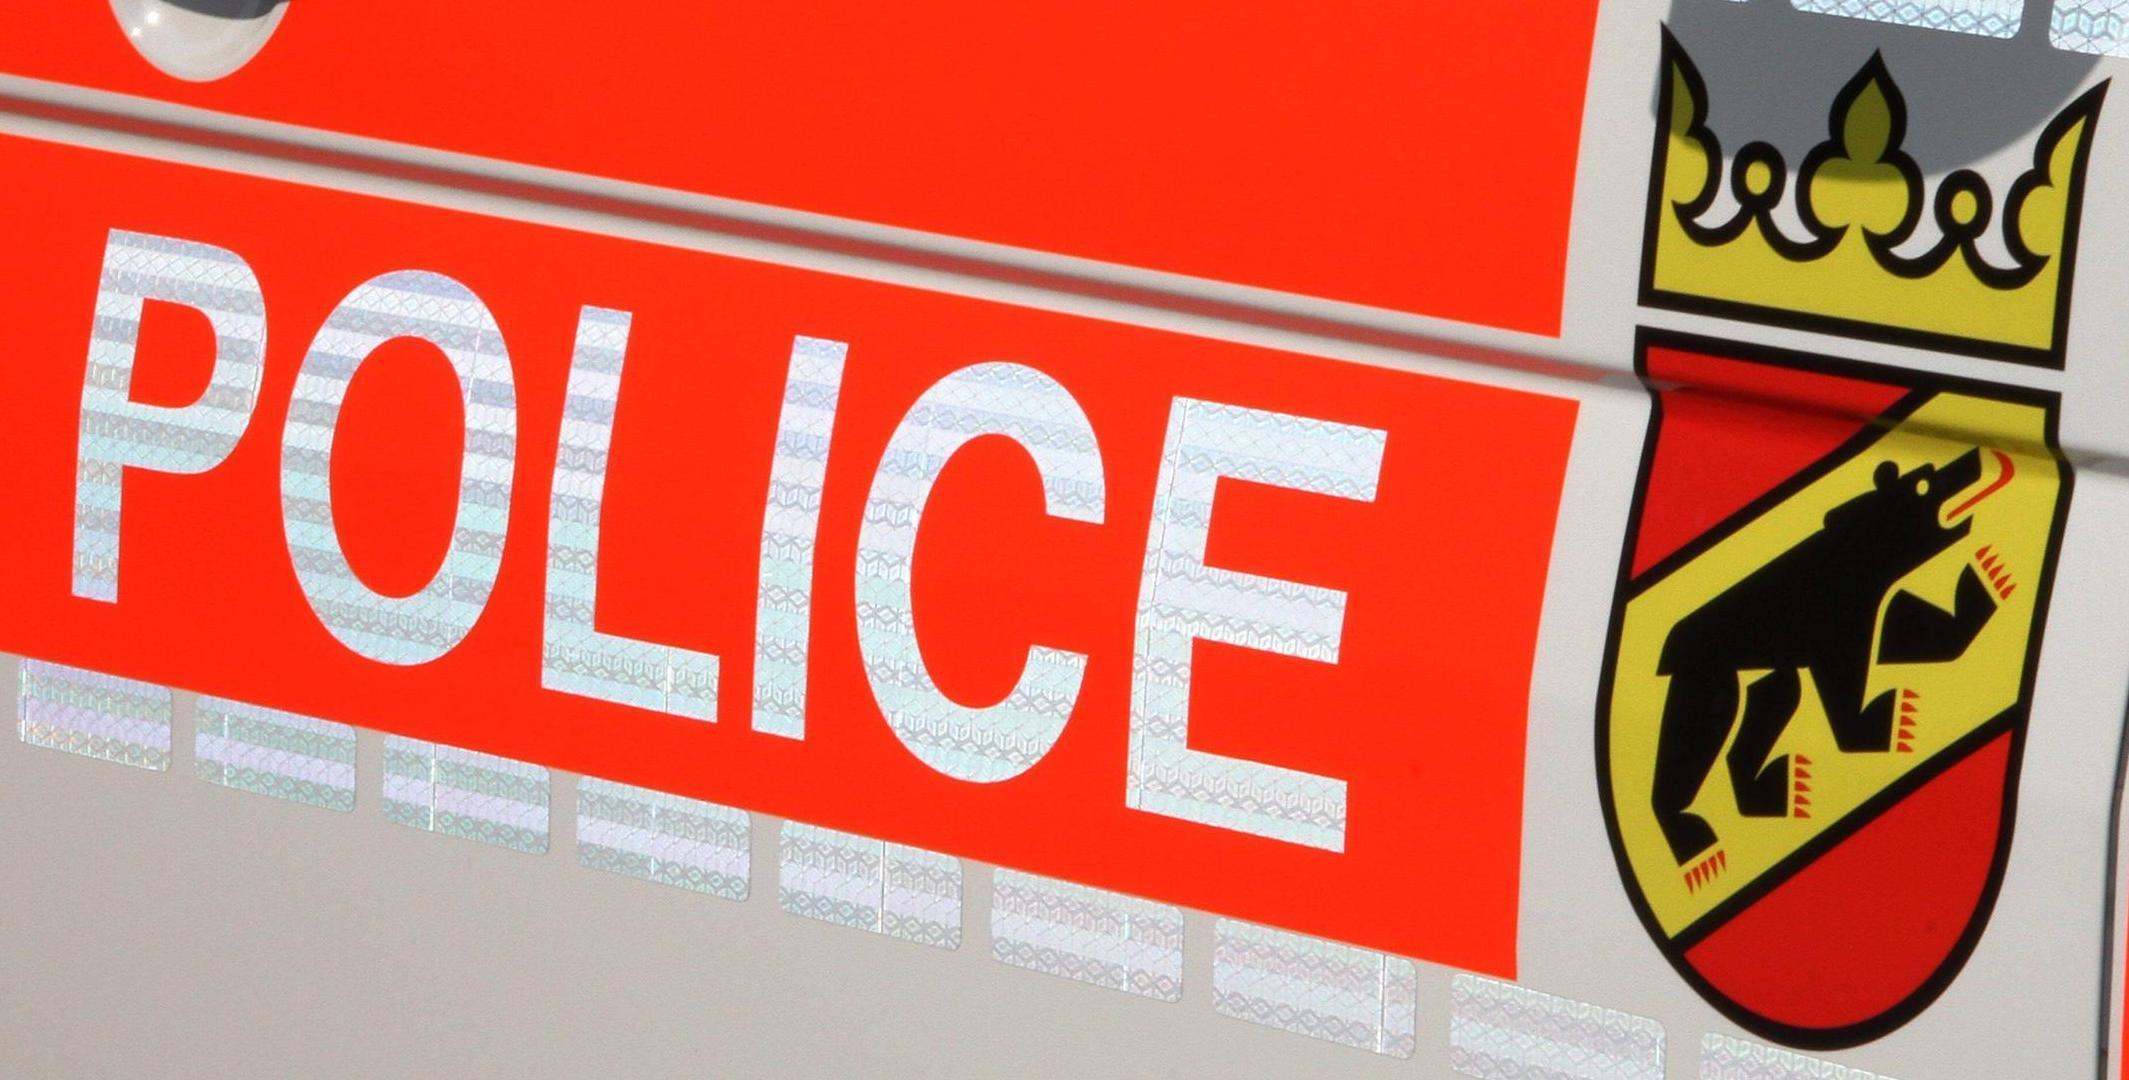 Die Polizei im Kanton Bern kümmert sich um einen reibungslosen Ablauf im Verkehr. (Bildquelle: Kapo Bern)